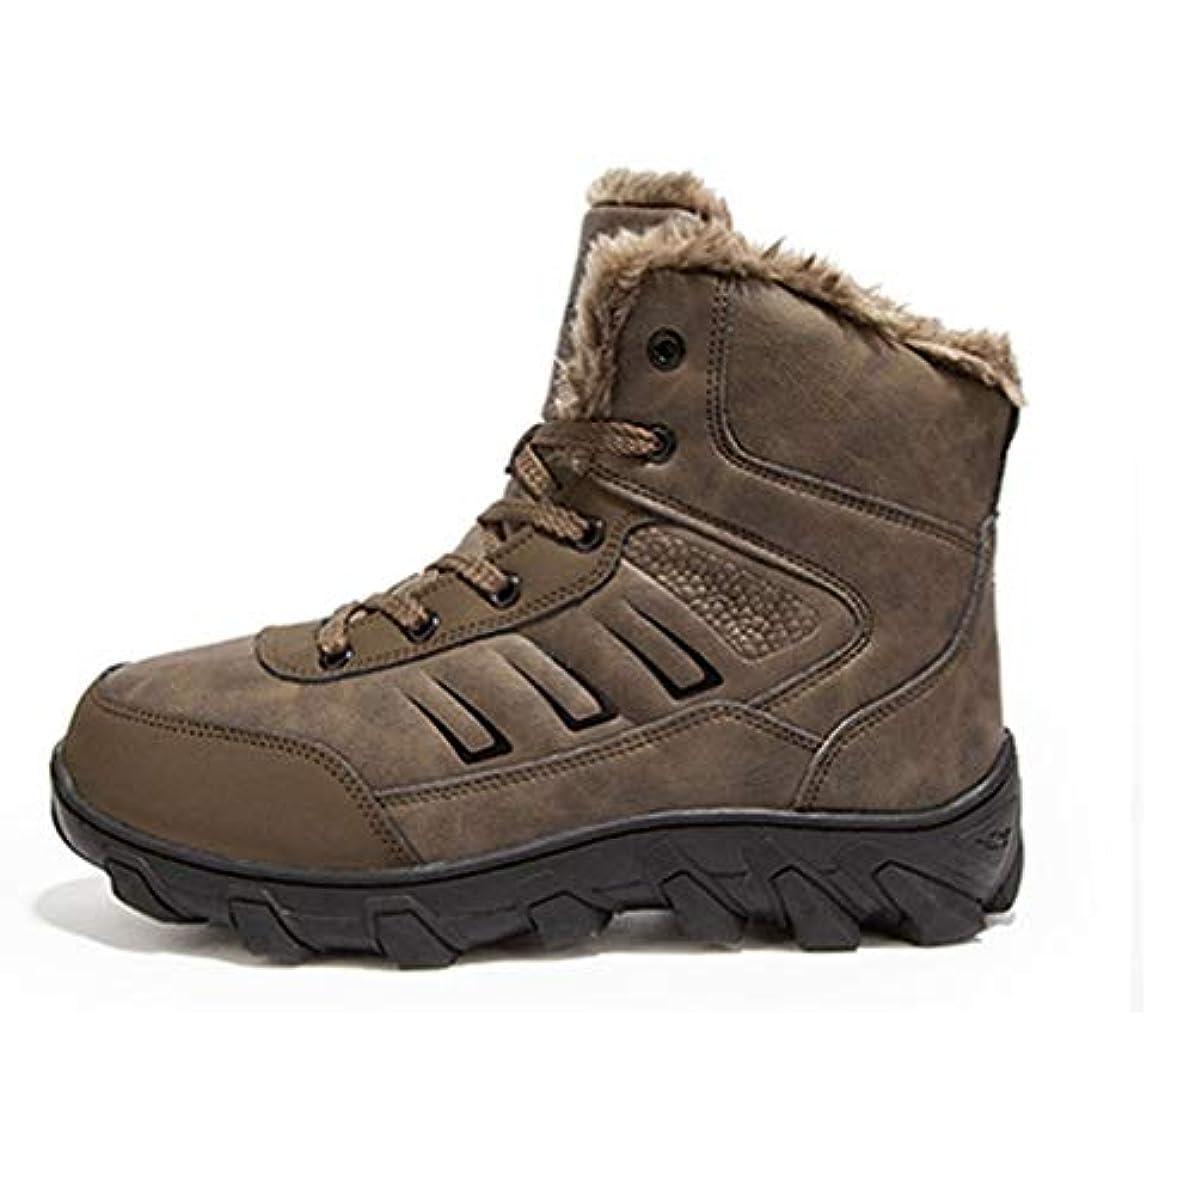 変換特定のそう大きいサイズ ショートブーツメンズ スノーブーツ アウトドアシューズ 裏起毛 雪靴 防寒 防水 カジュアル レースアップ 通気性 軽量 防滑 冬用 歩きやすい ウォーキング トレッキング